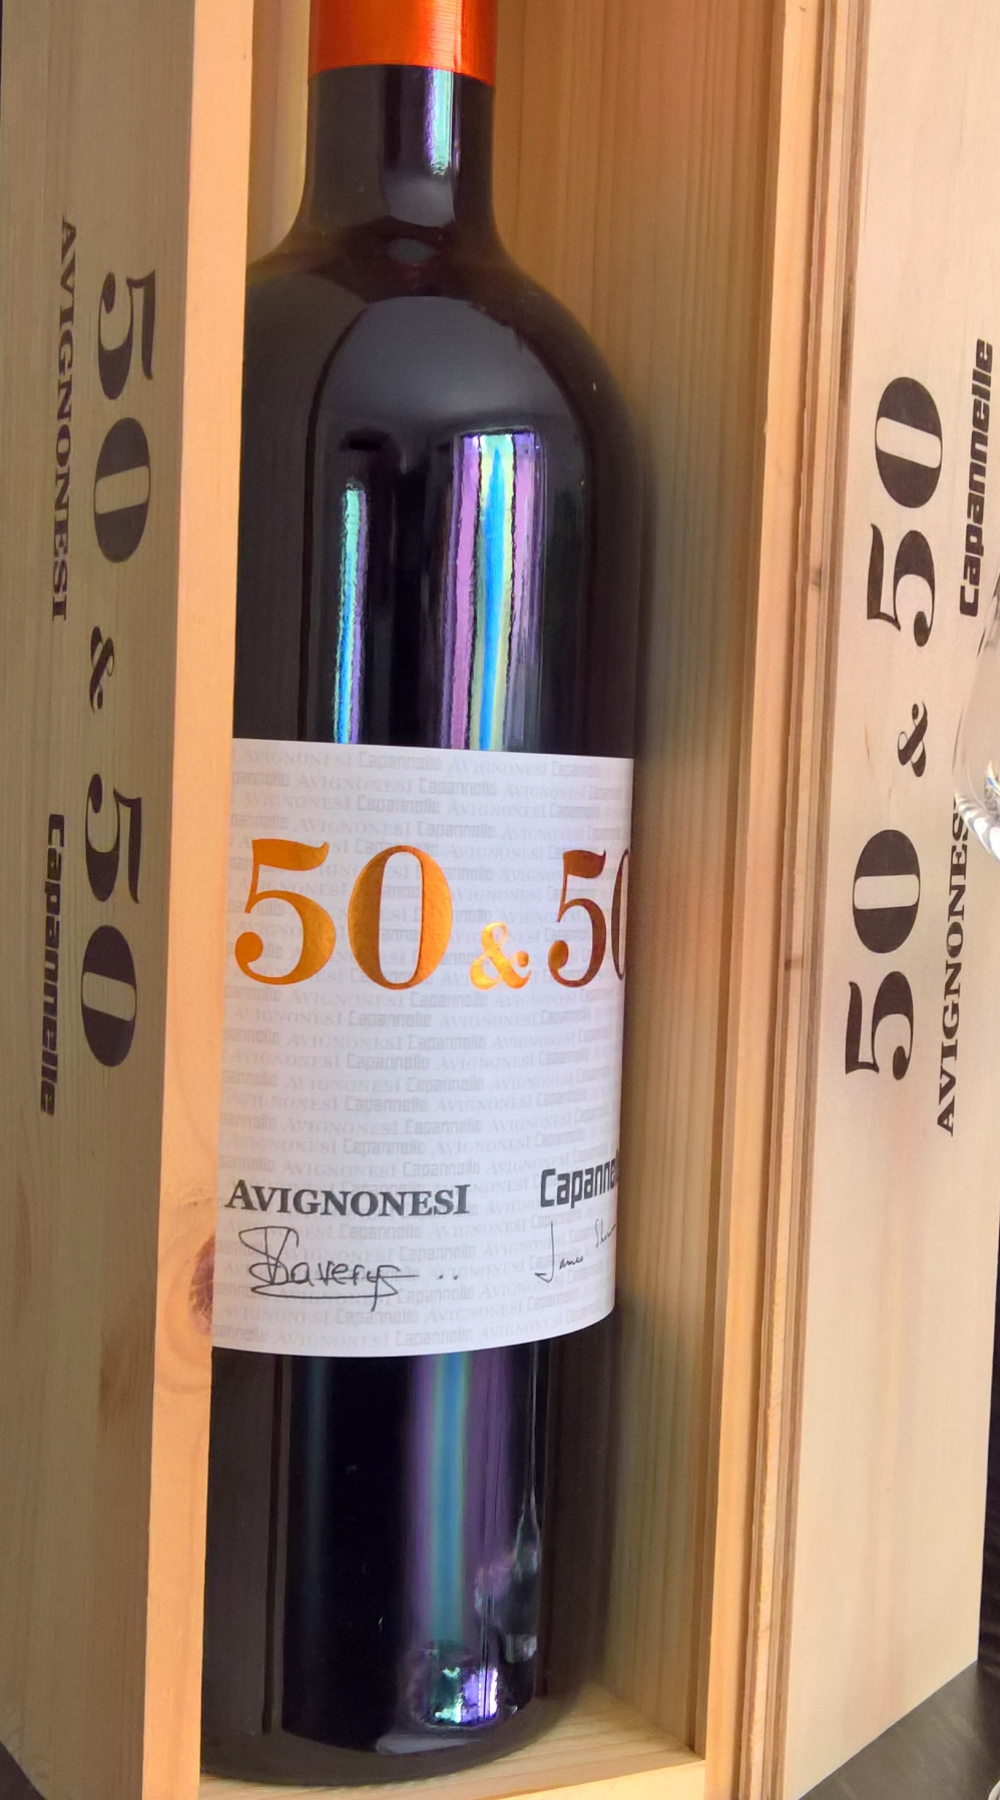 Capannelle & Avignonesi 50&50 | Malborghetto e-shop